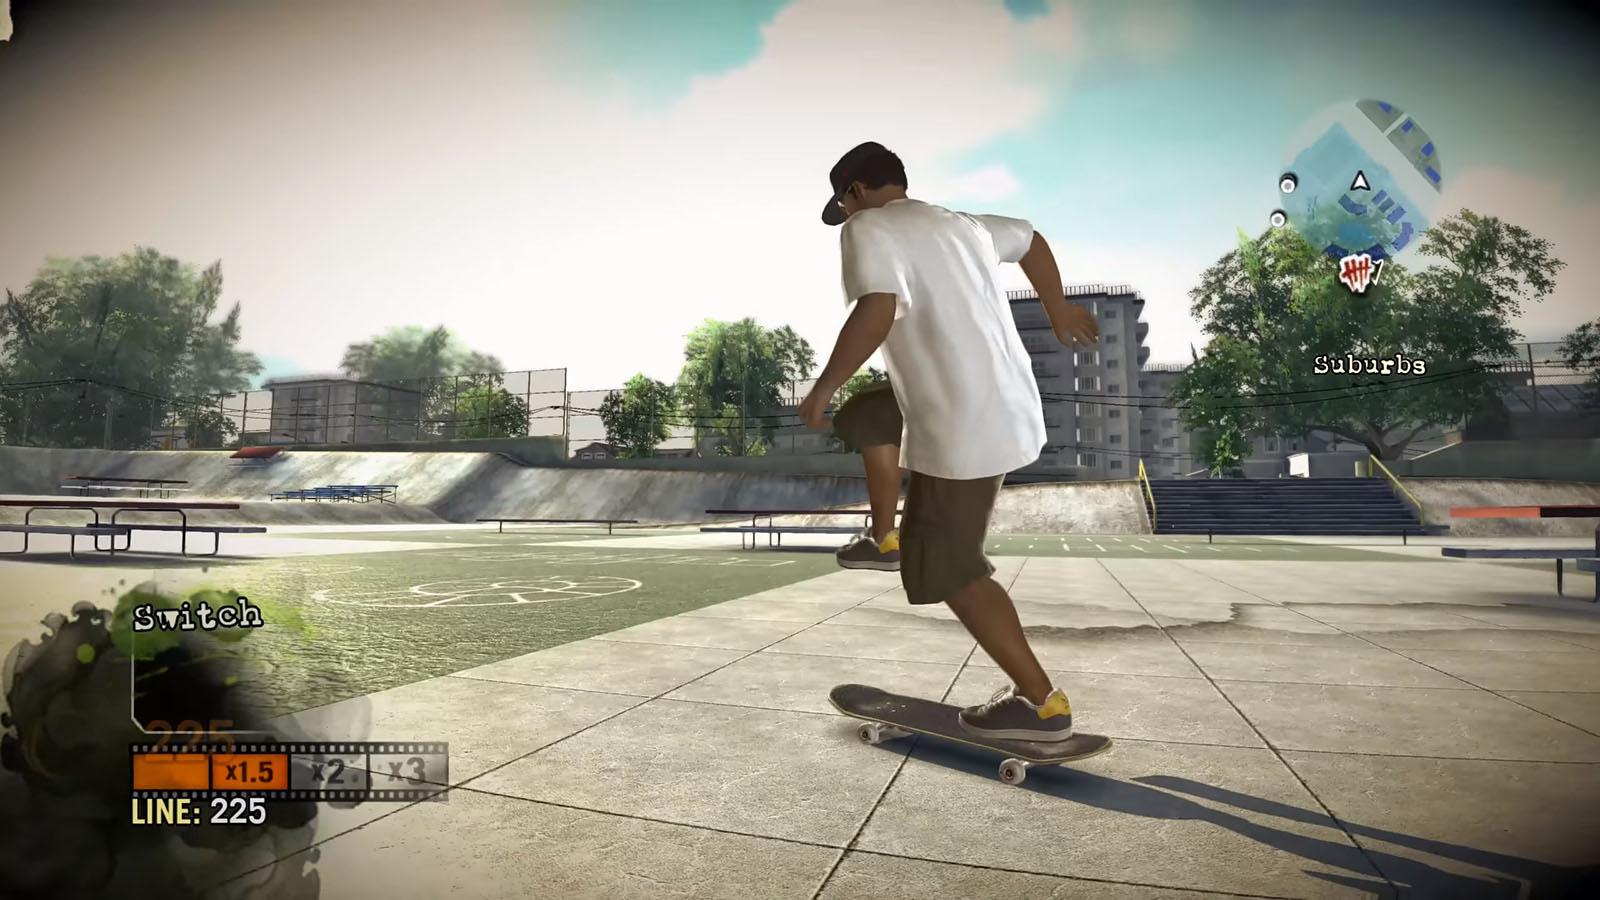 RPCS3 PlayStation 3 Emulator Can Now Run Skate At 4K 60 FPS – Techgage